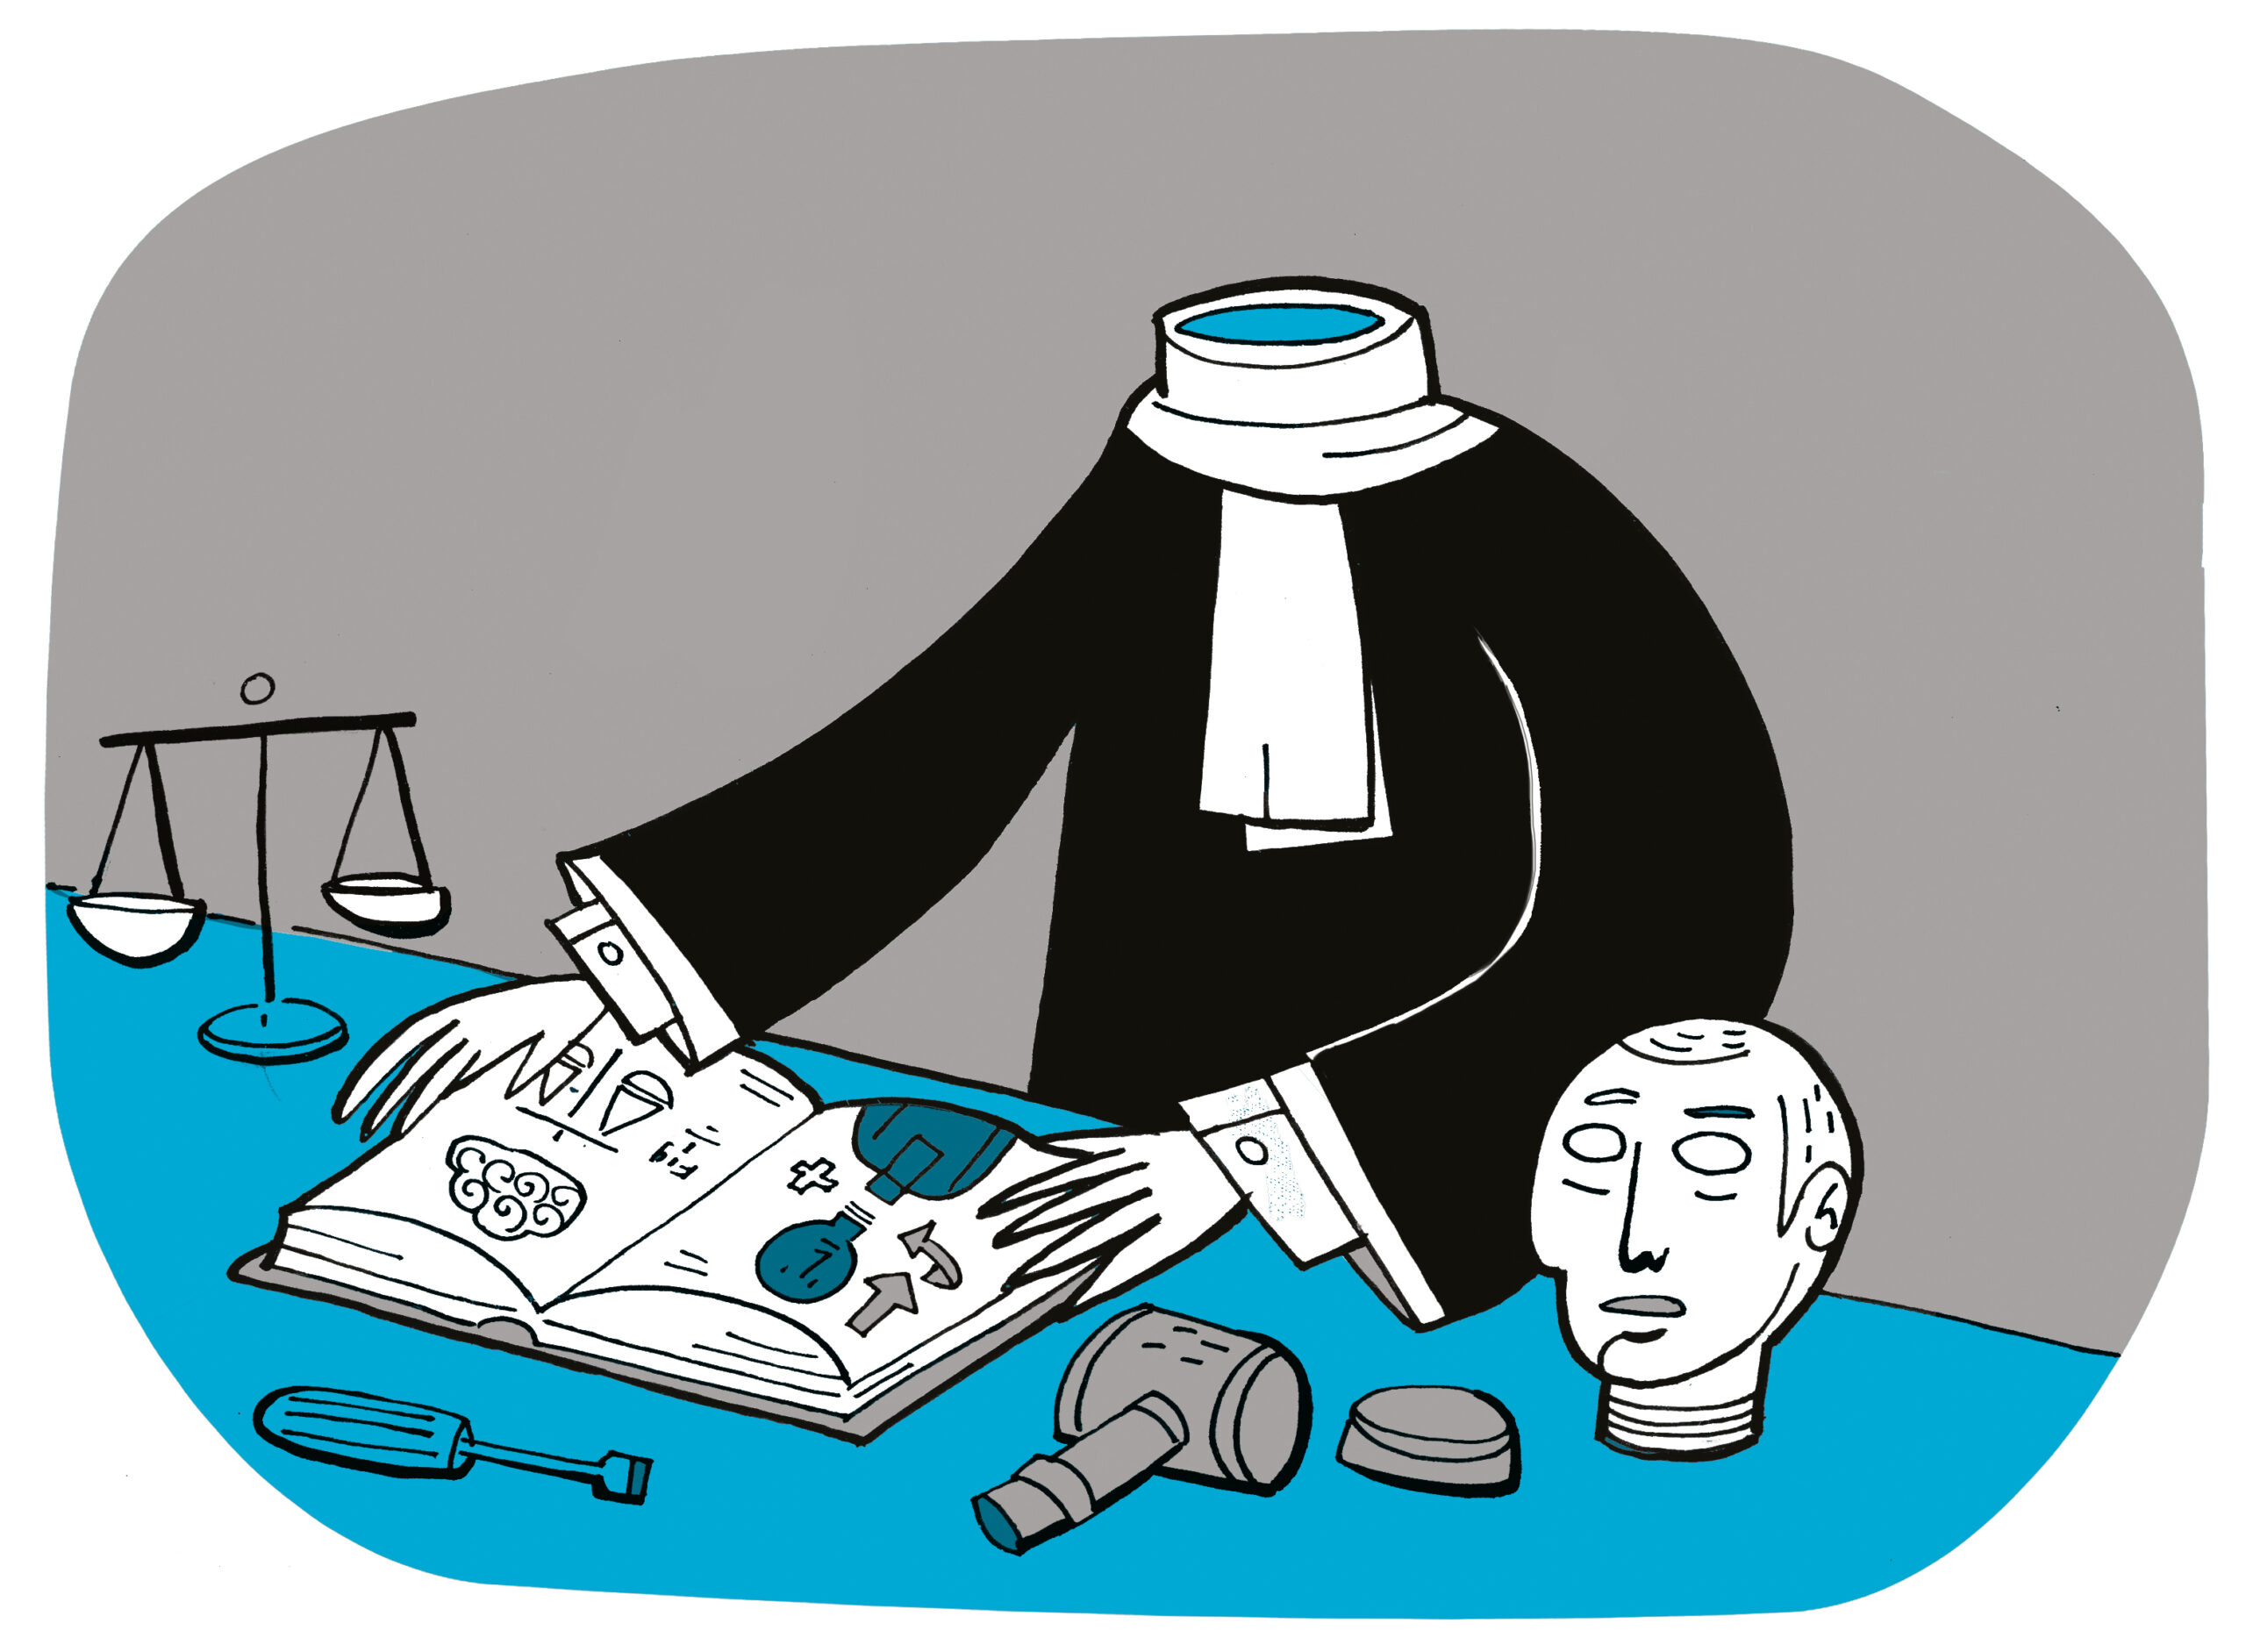 الوظيفة القضائية في أشكالها المختلفة في تونس: قاضي النظام والتعليمات والقاضي المهني